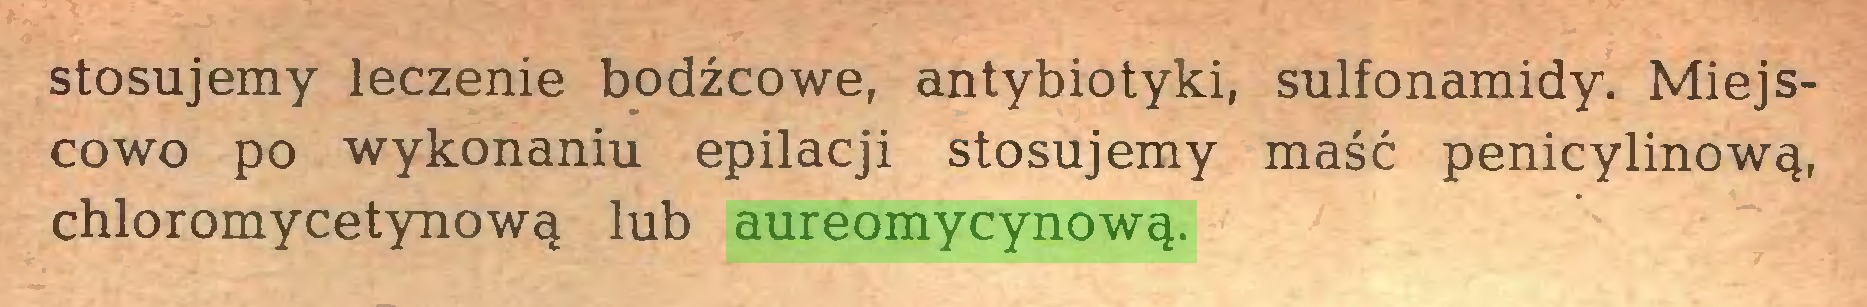 (...) stosujemy leczenie bodźcowe, antybiotyki, sulfonamidy. Miejscowo po wykonaniu epilacji stosujemy maść penicylinową, chloromycetynową lub aureomycynową...